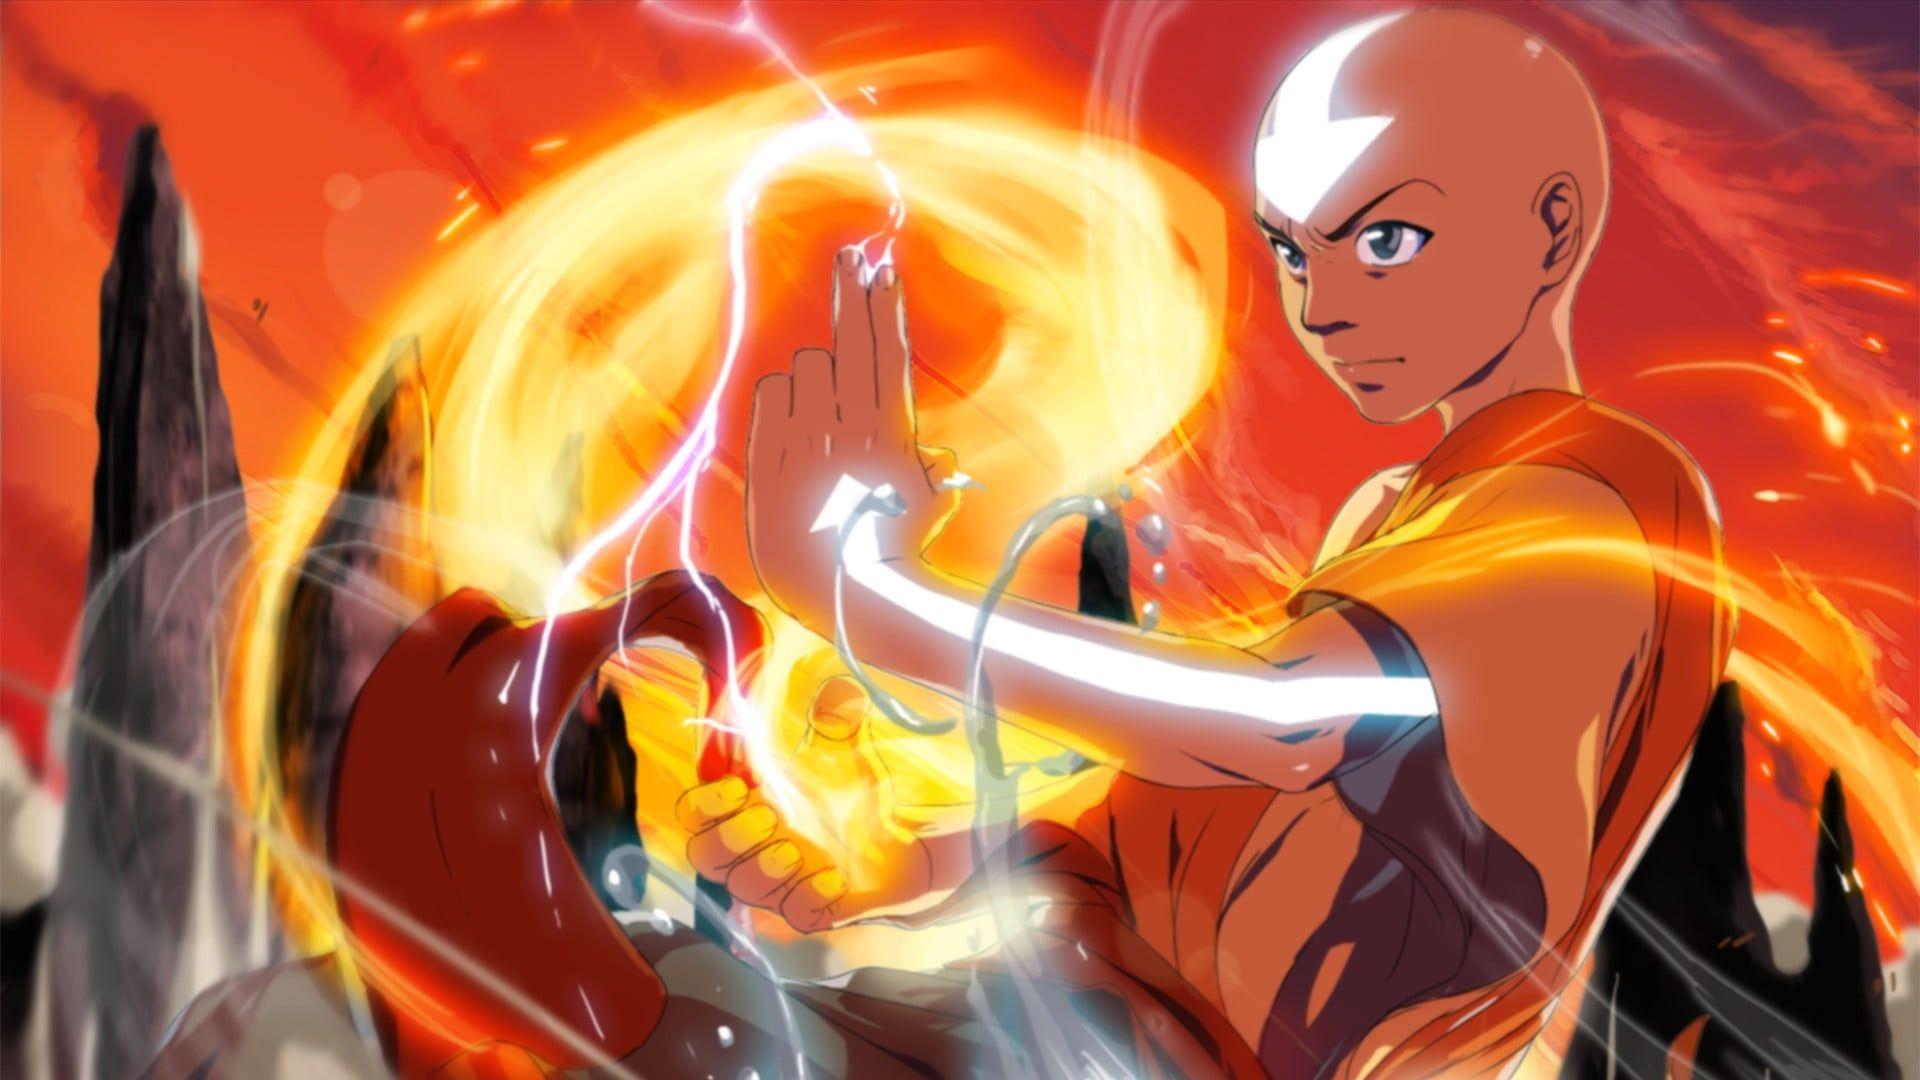 Avatar The Last Airbender Aang 1080p Wallpaper Hdwallpaper Desktop The Last Airbender Avatar The Last Airbender Avatar Desktop wallpaper avatar last airbender